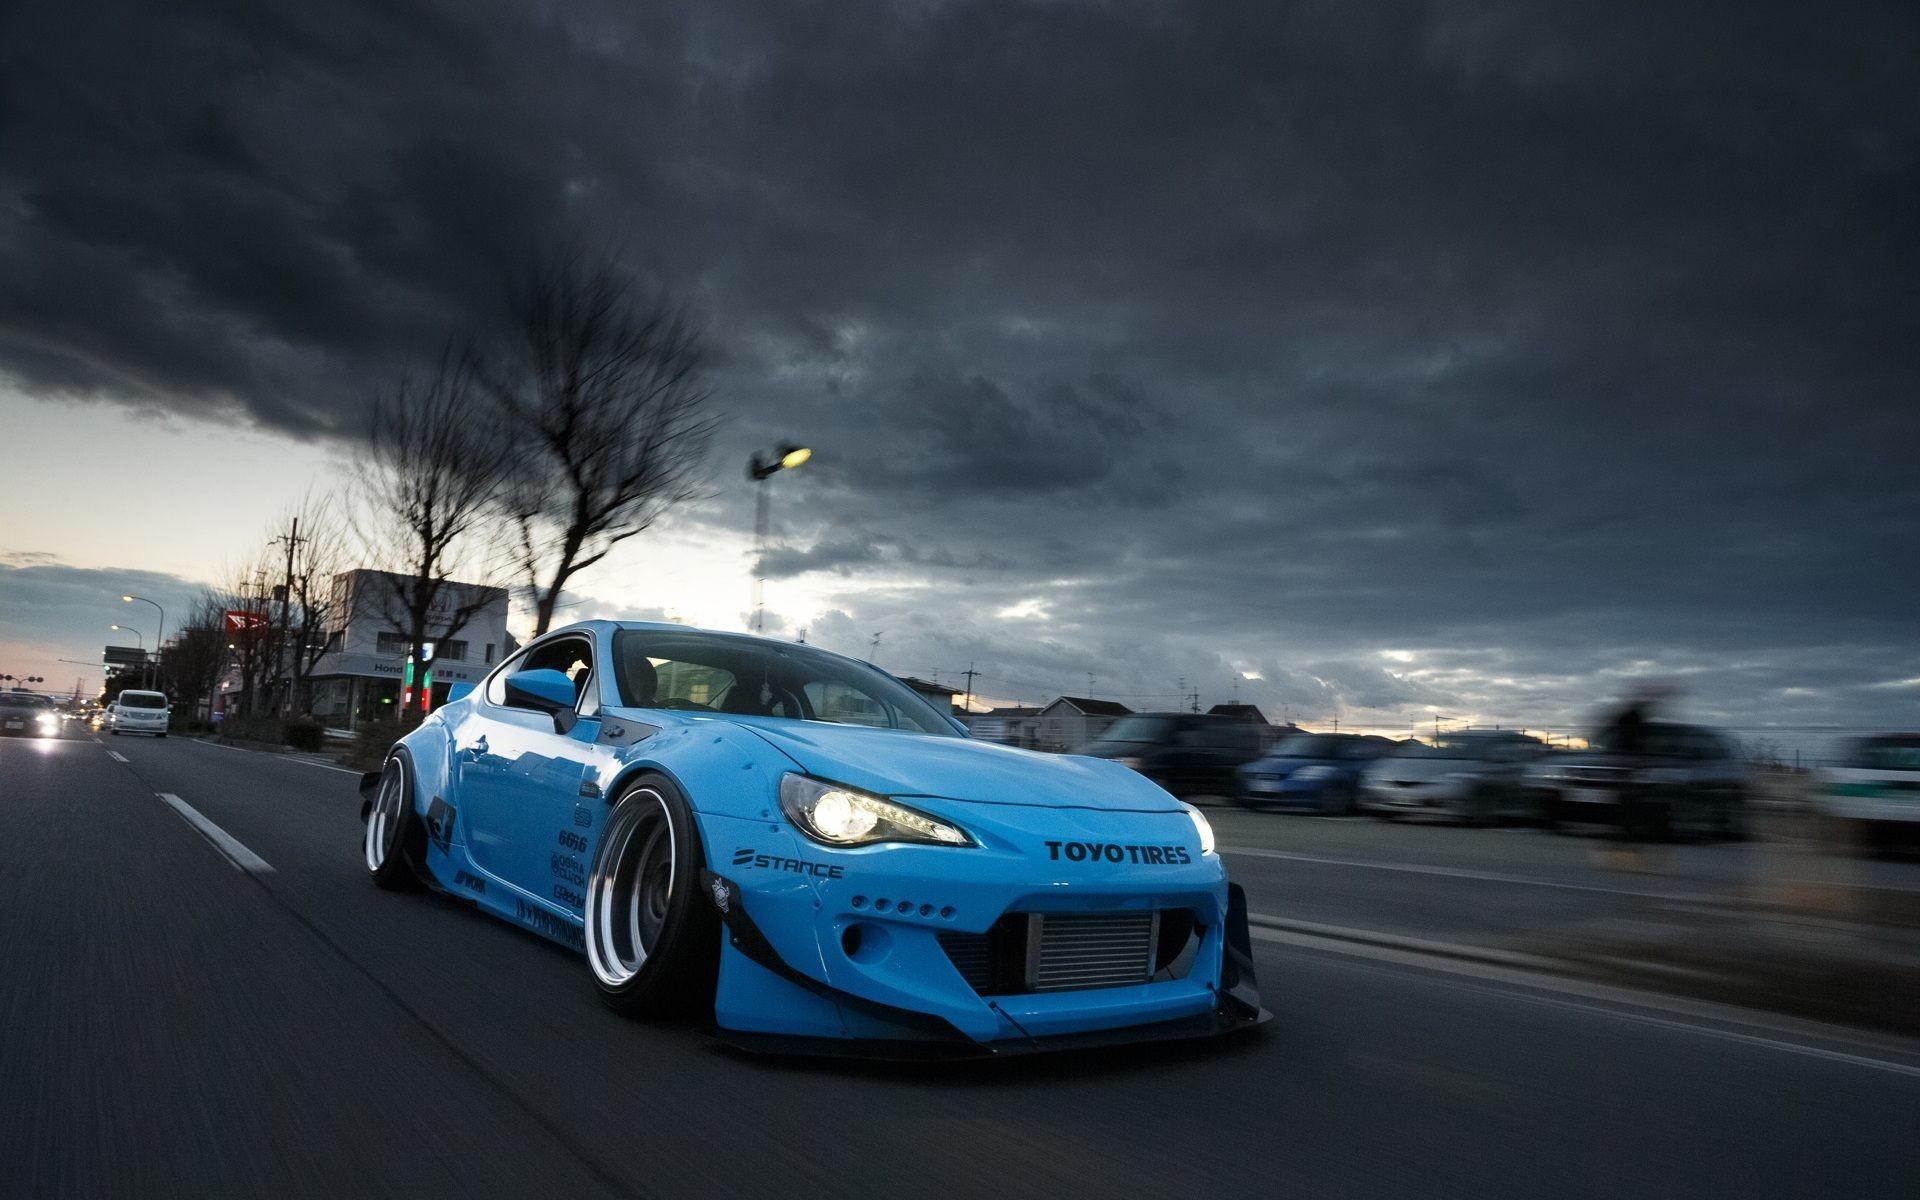 Toyota GT 86 Blue Car Wallpaper